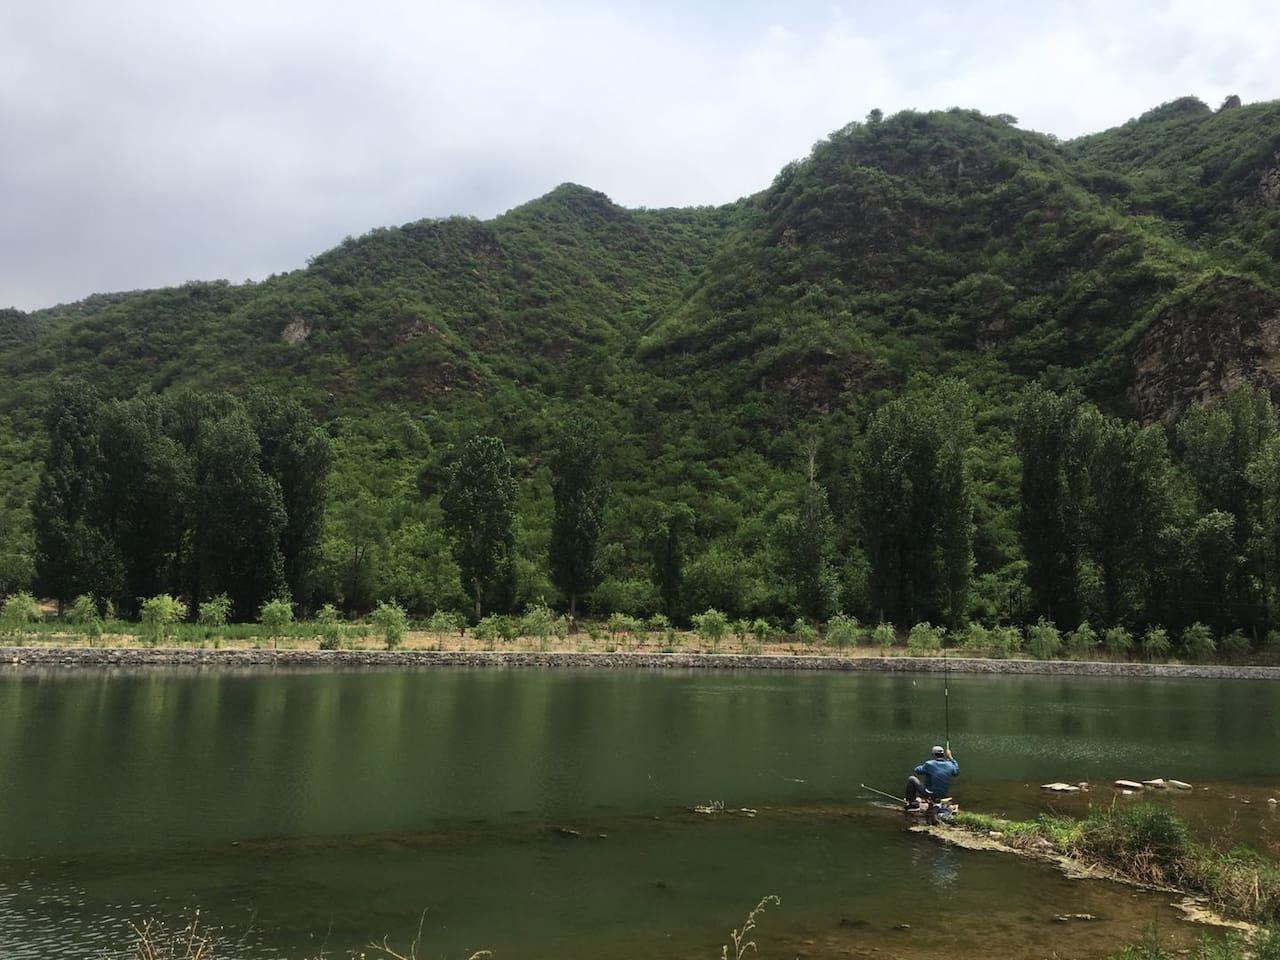 河边可以钓鱼,有简单的渔具